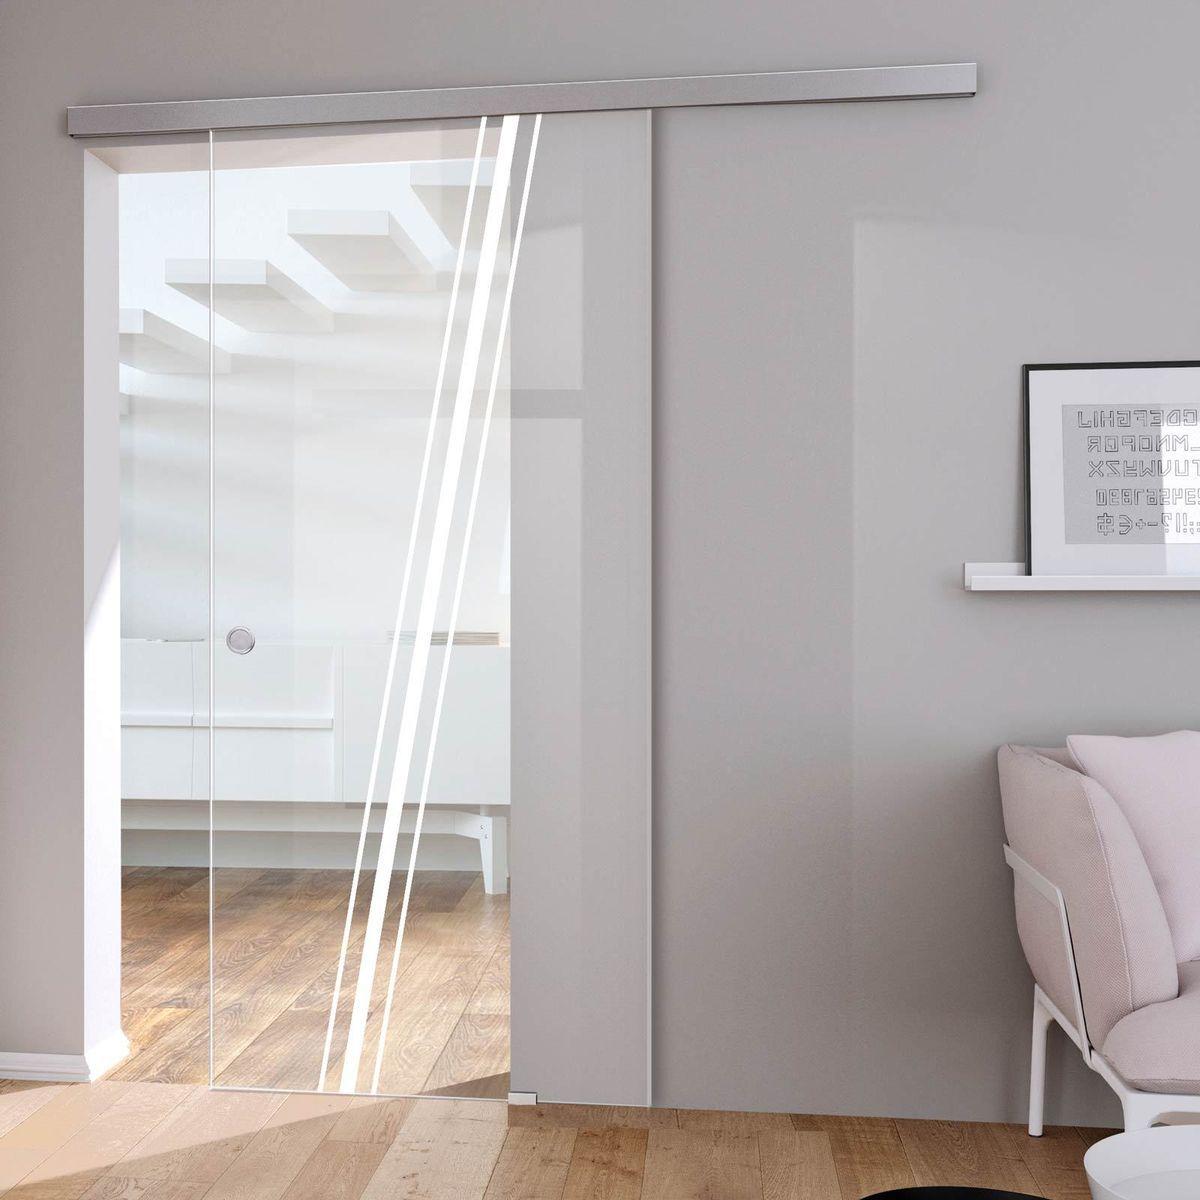 1059glass Sliding Door Bottom Guide In 2020 Sliding Doors Sliding Glass Door Frameless Glass Doors